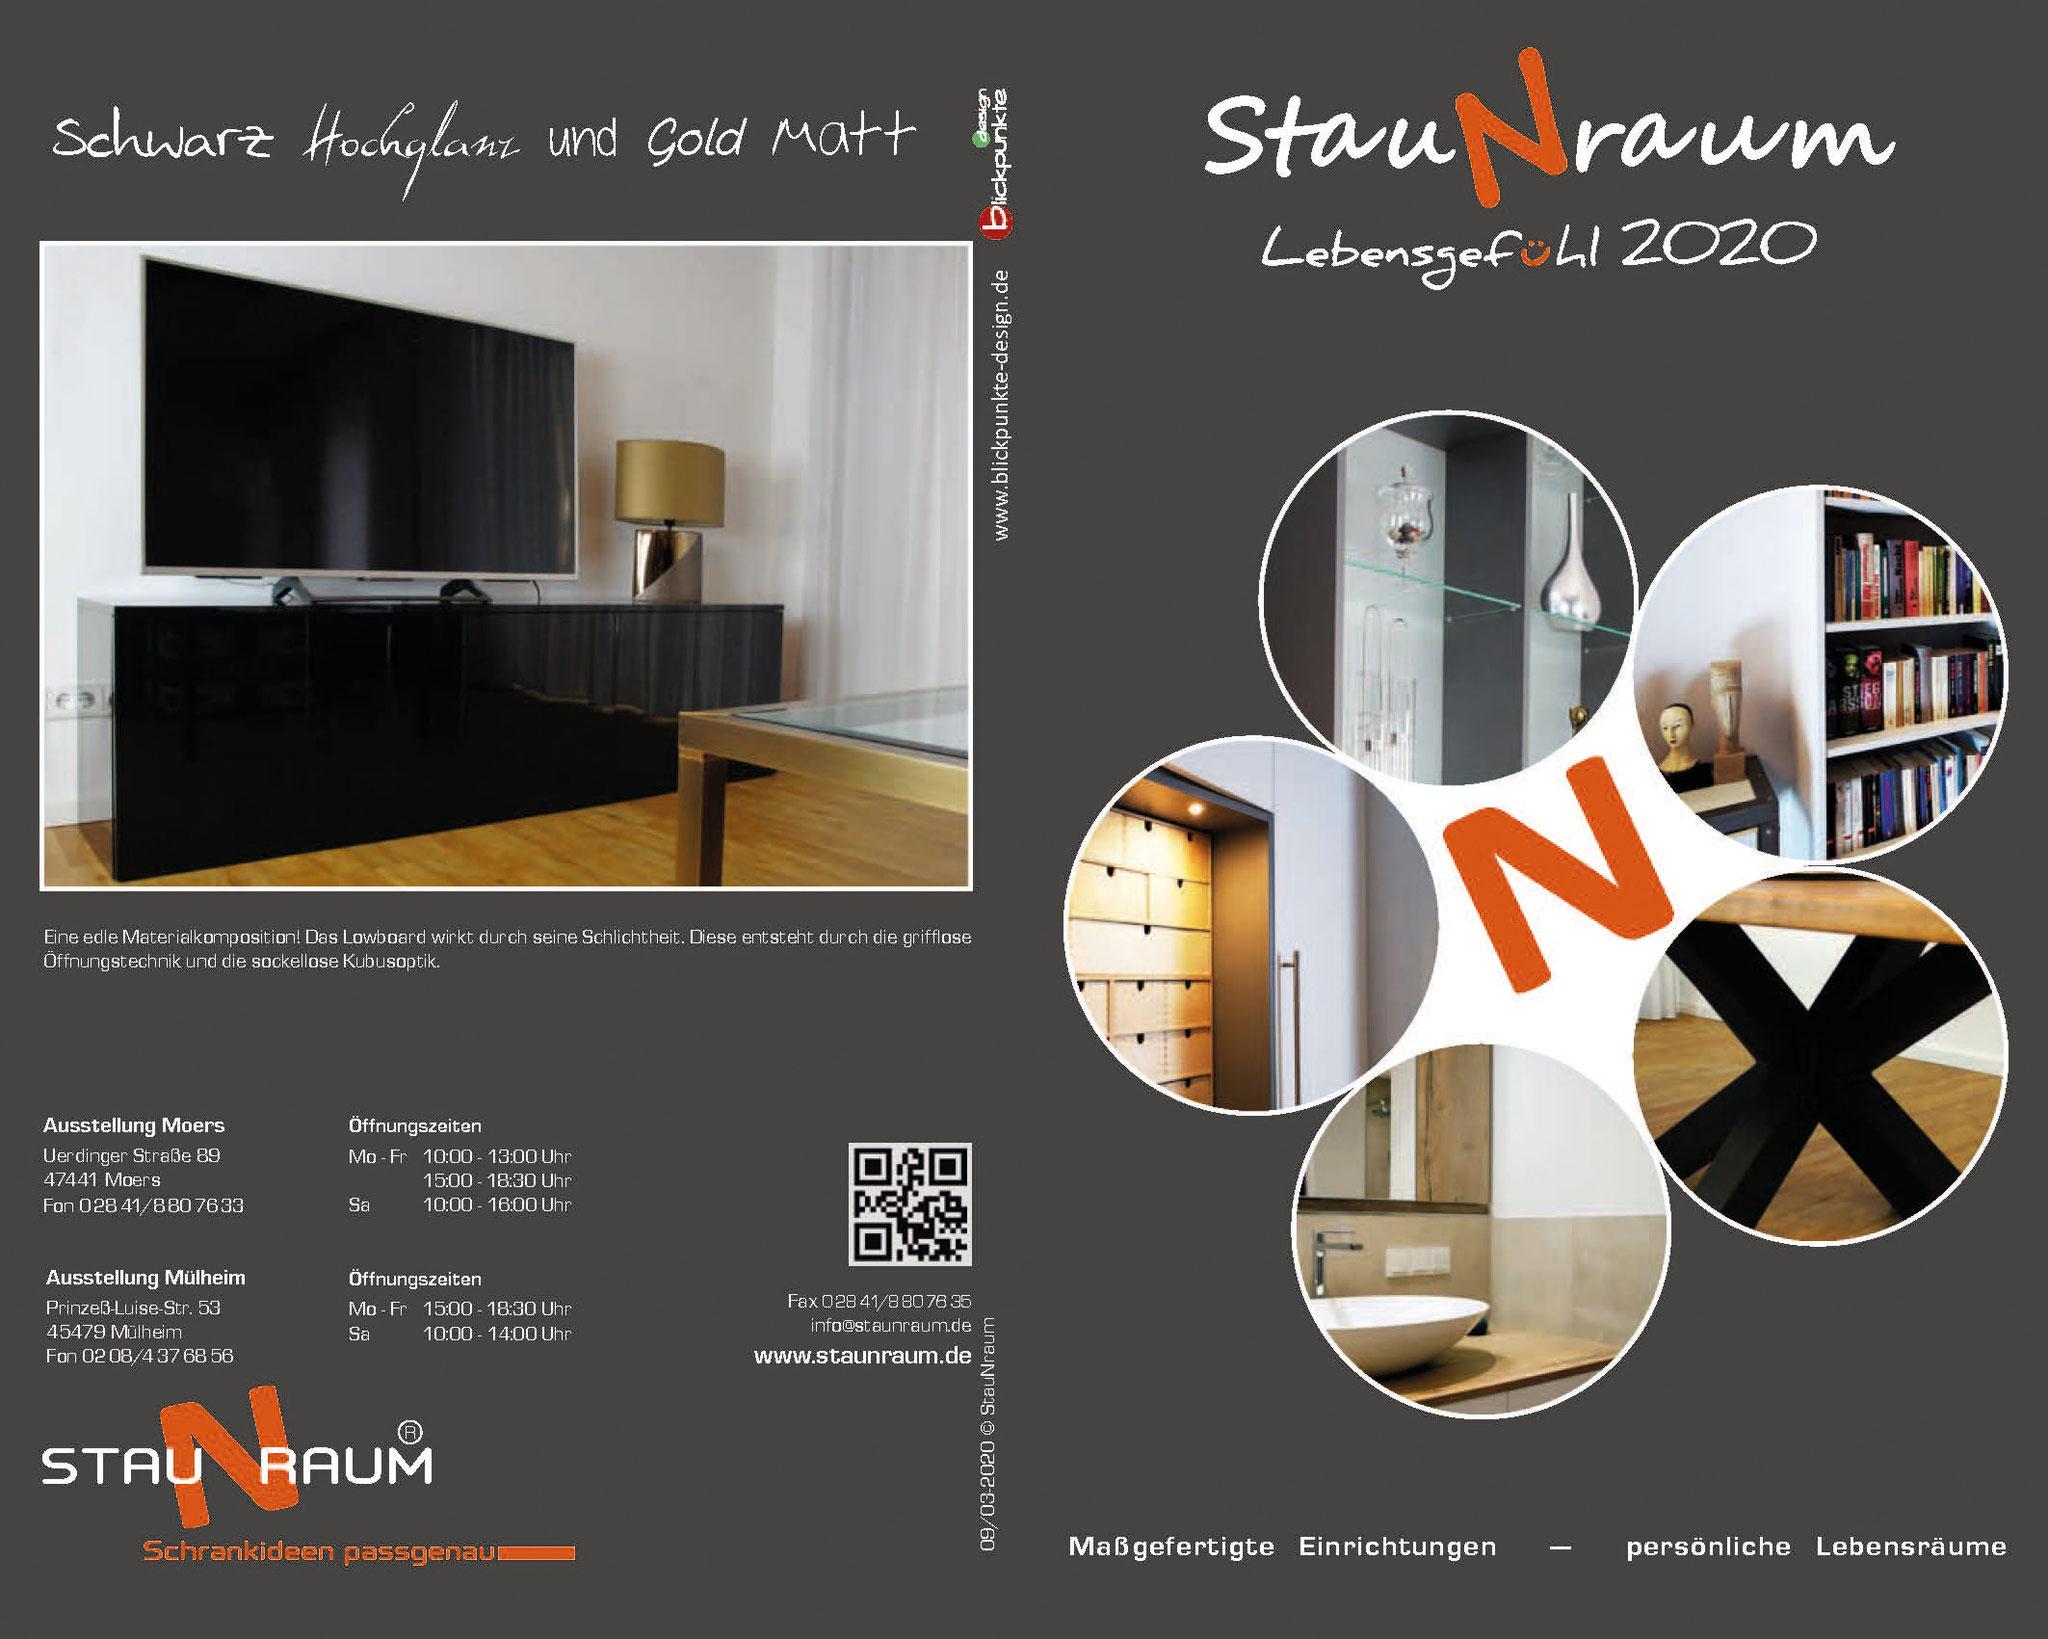 Broschüre Staunraum 2020; Titelseite Projektübersicht, Rückseite hochglänzendes Sideboard